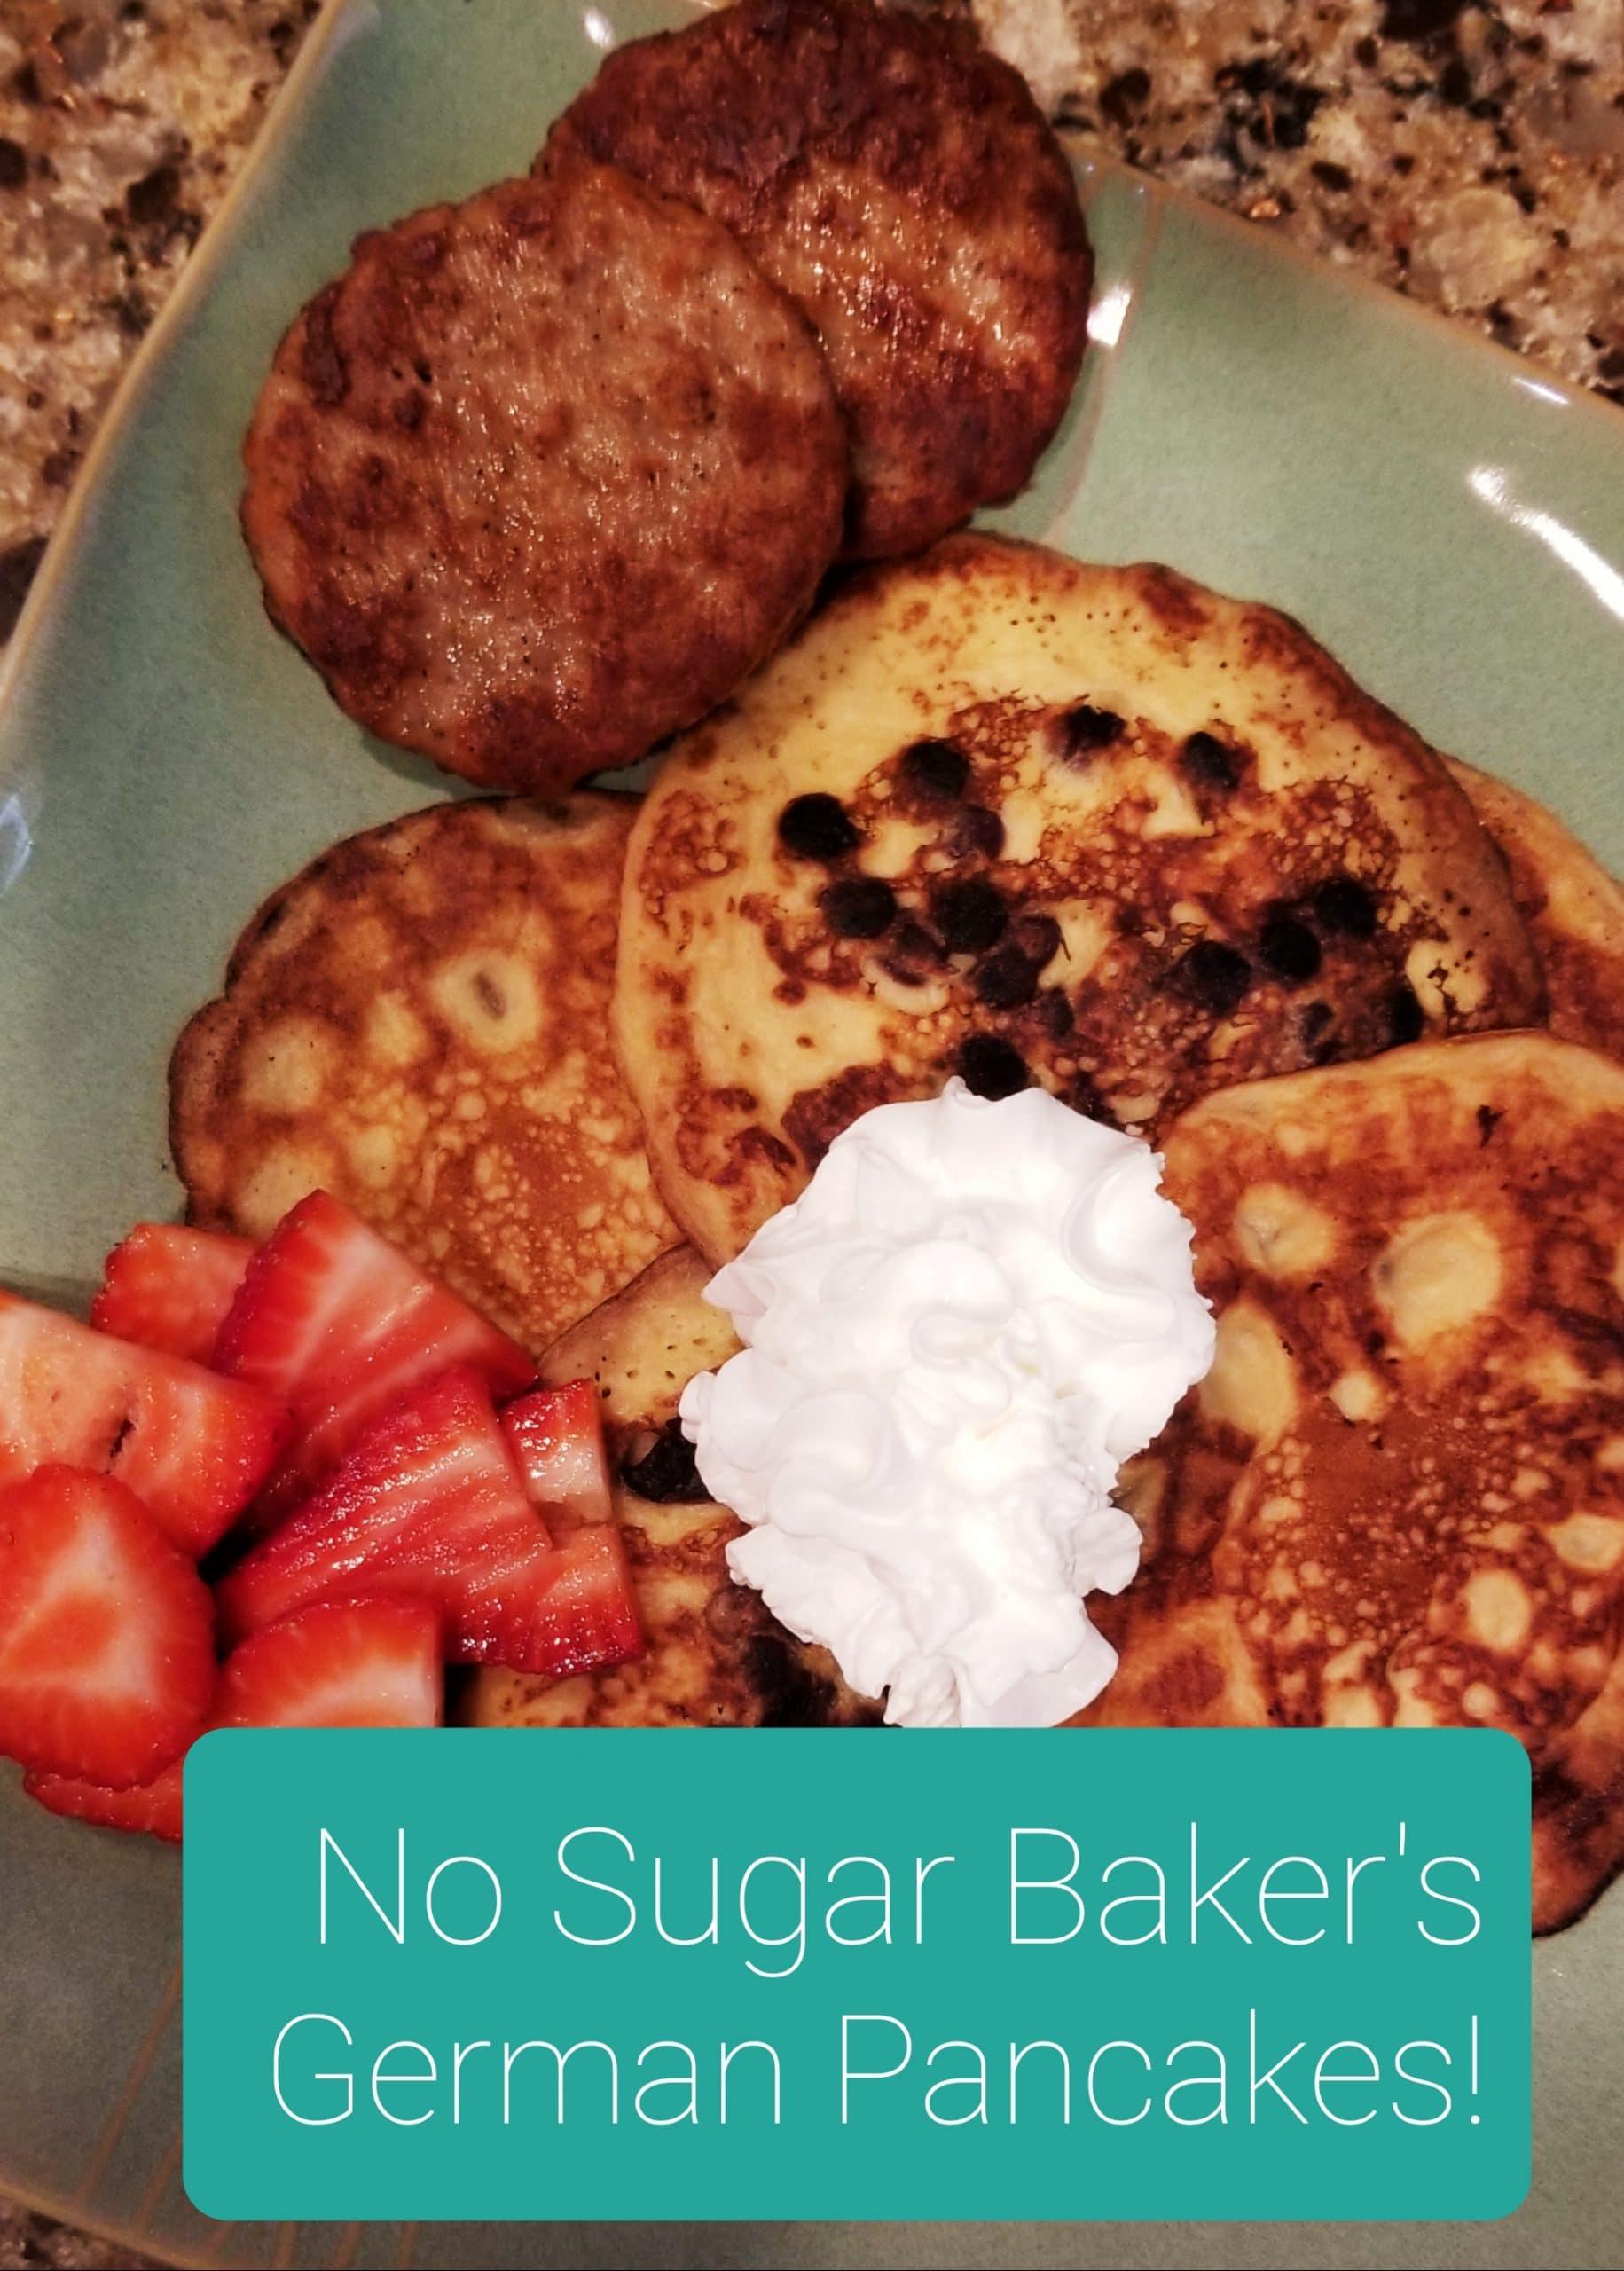 No Sugar Baker German Pancakes